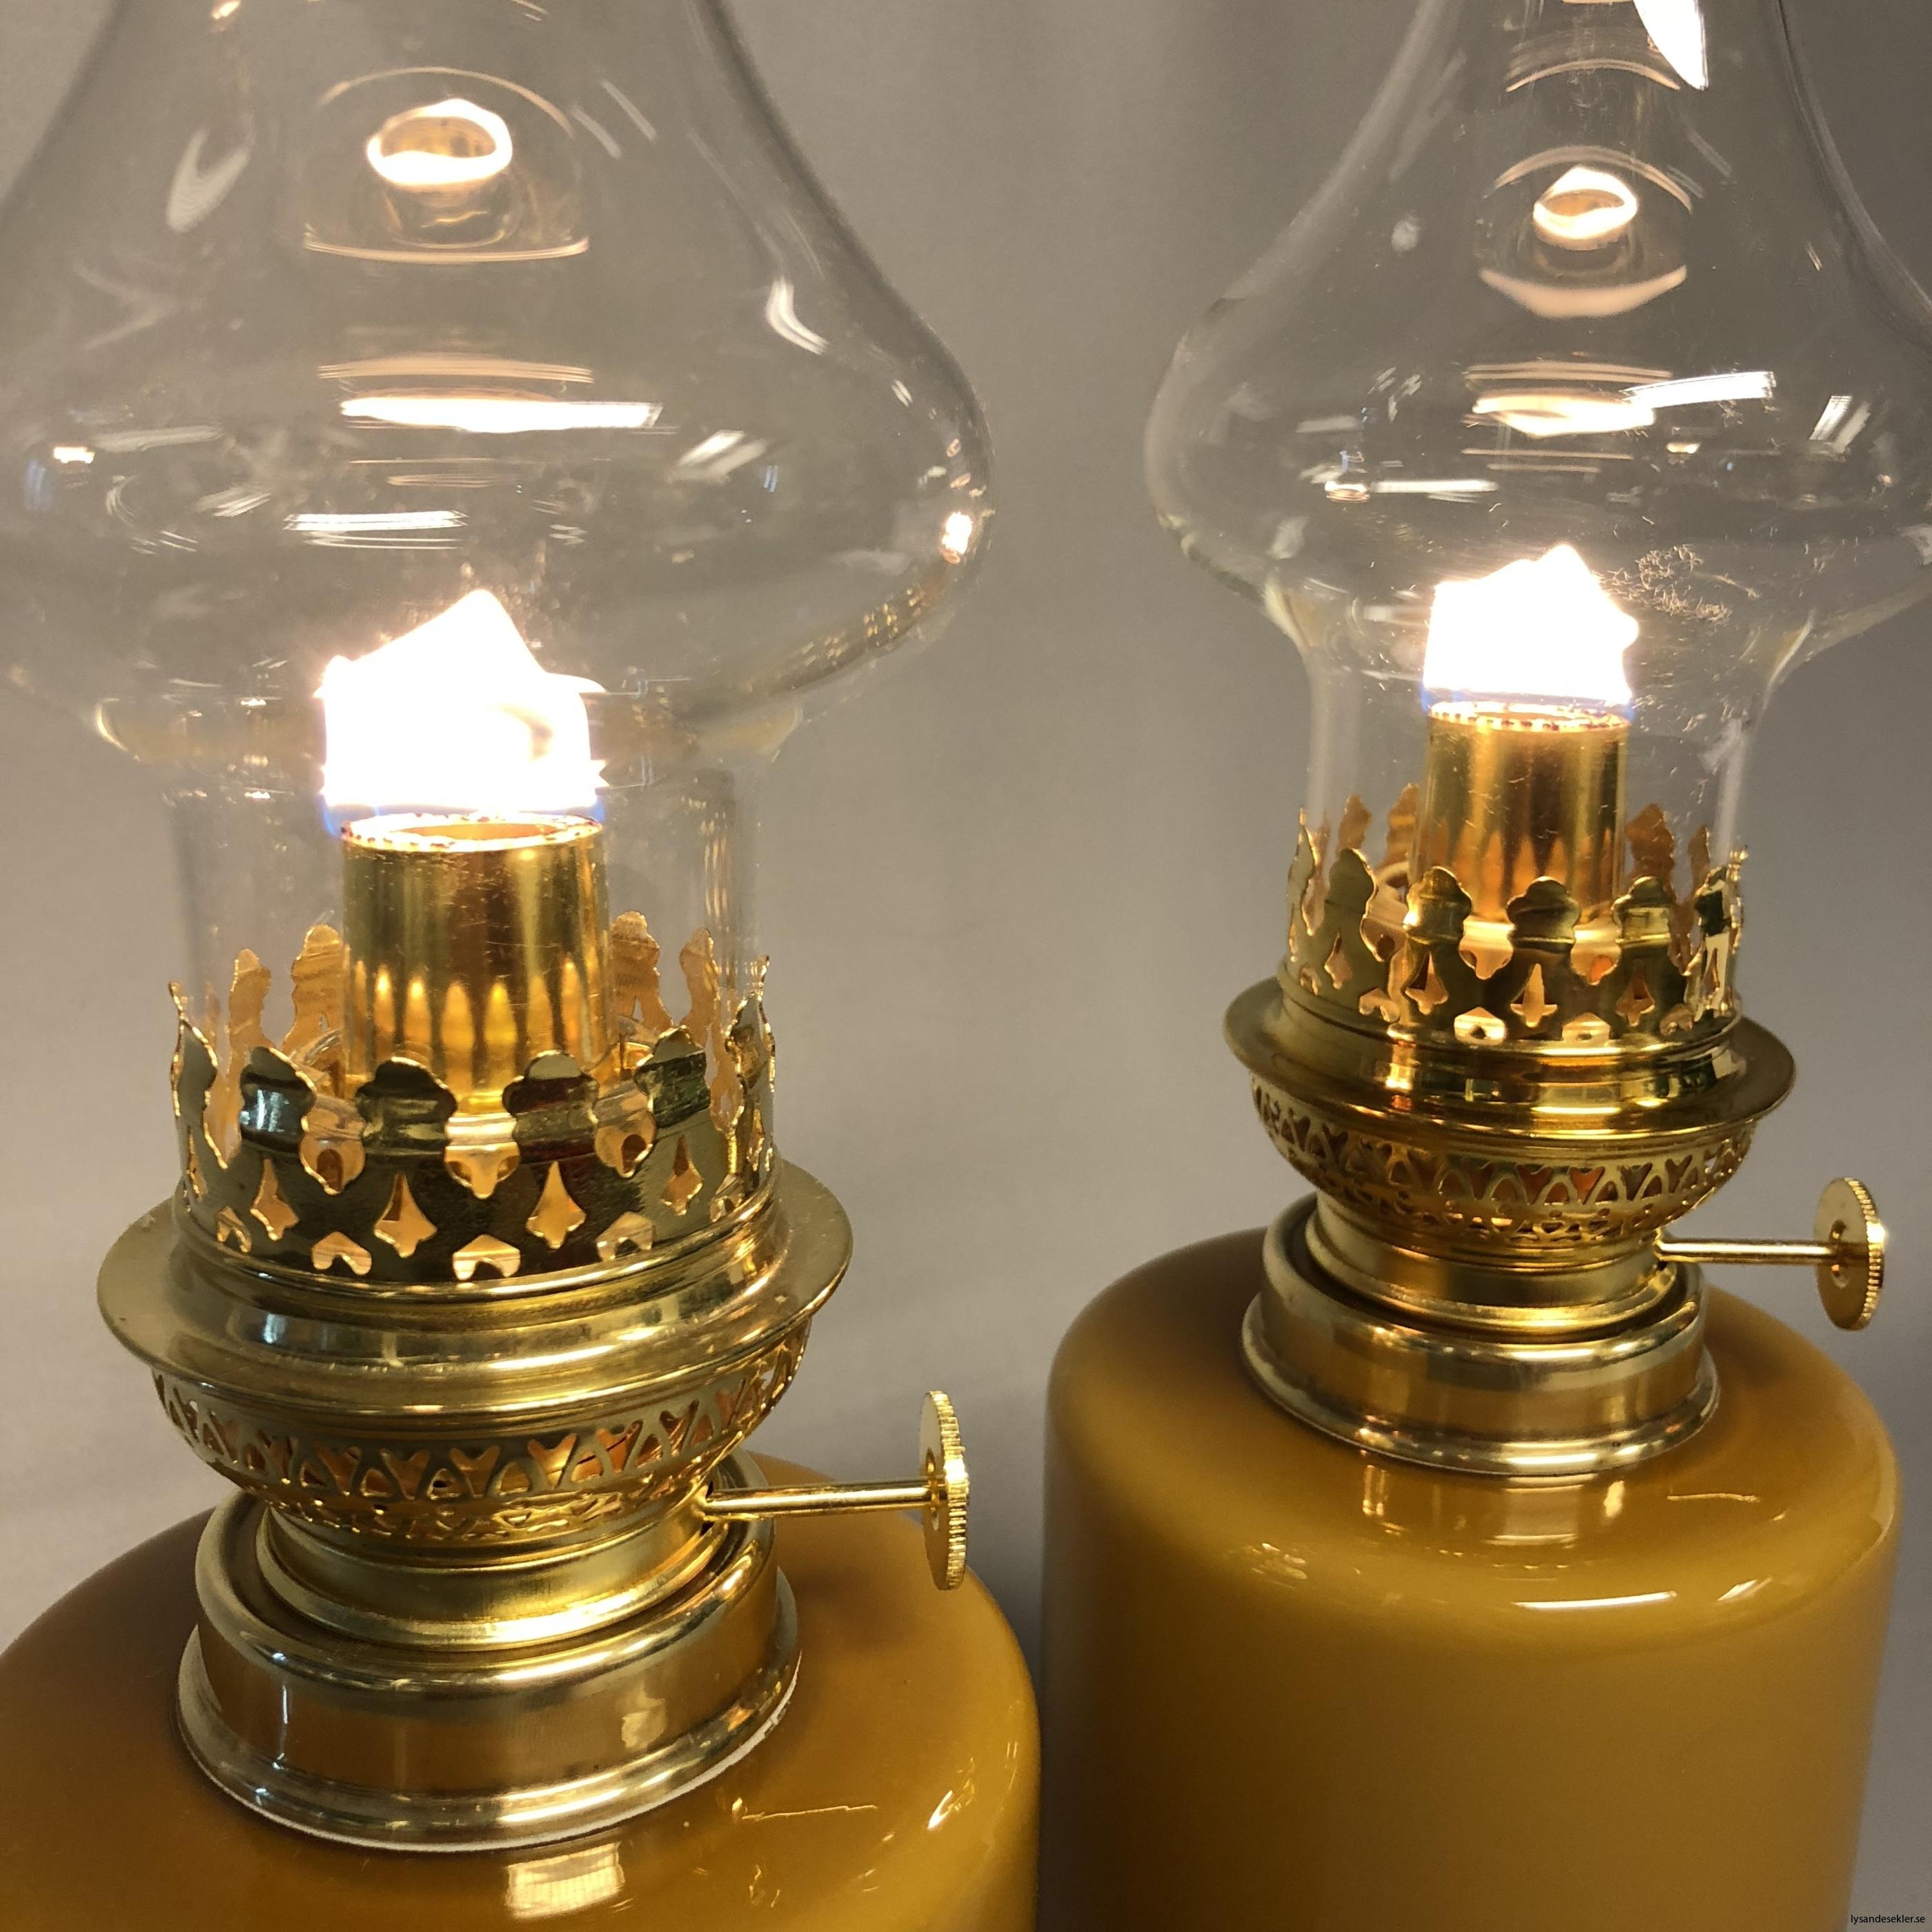 fotogenlampa fotogenlampor oljelampa oljelampor renoverad antik antikvitet17